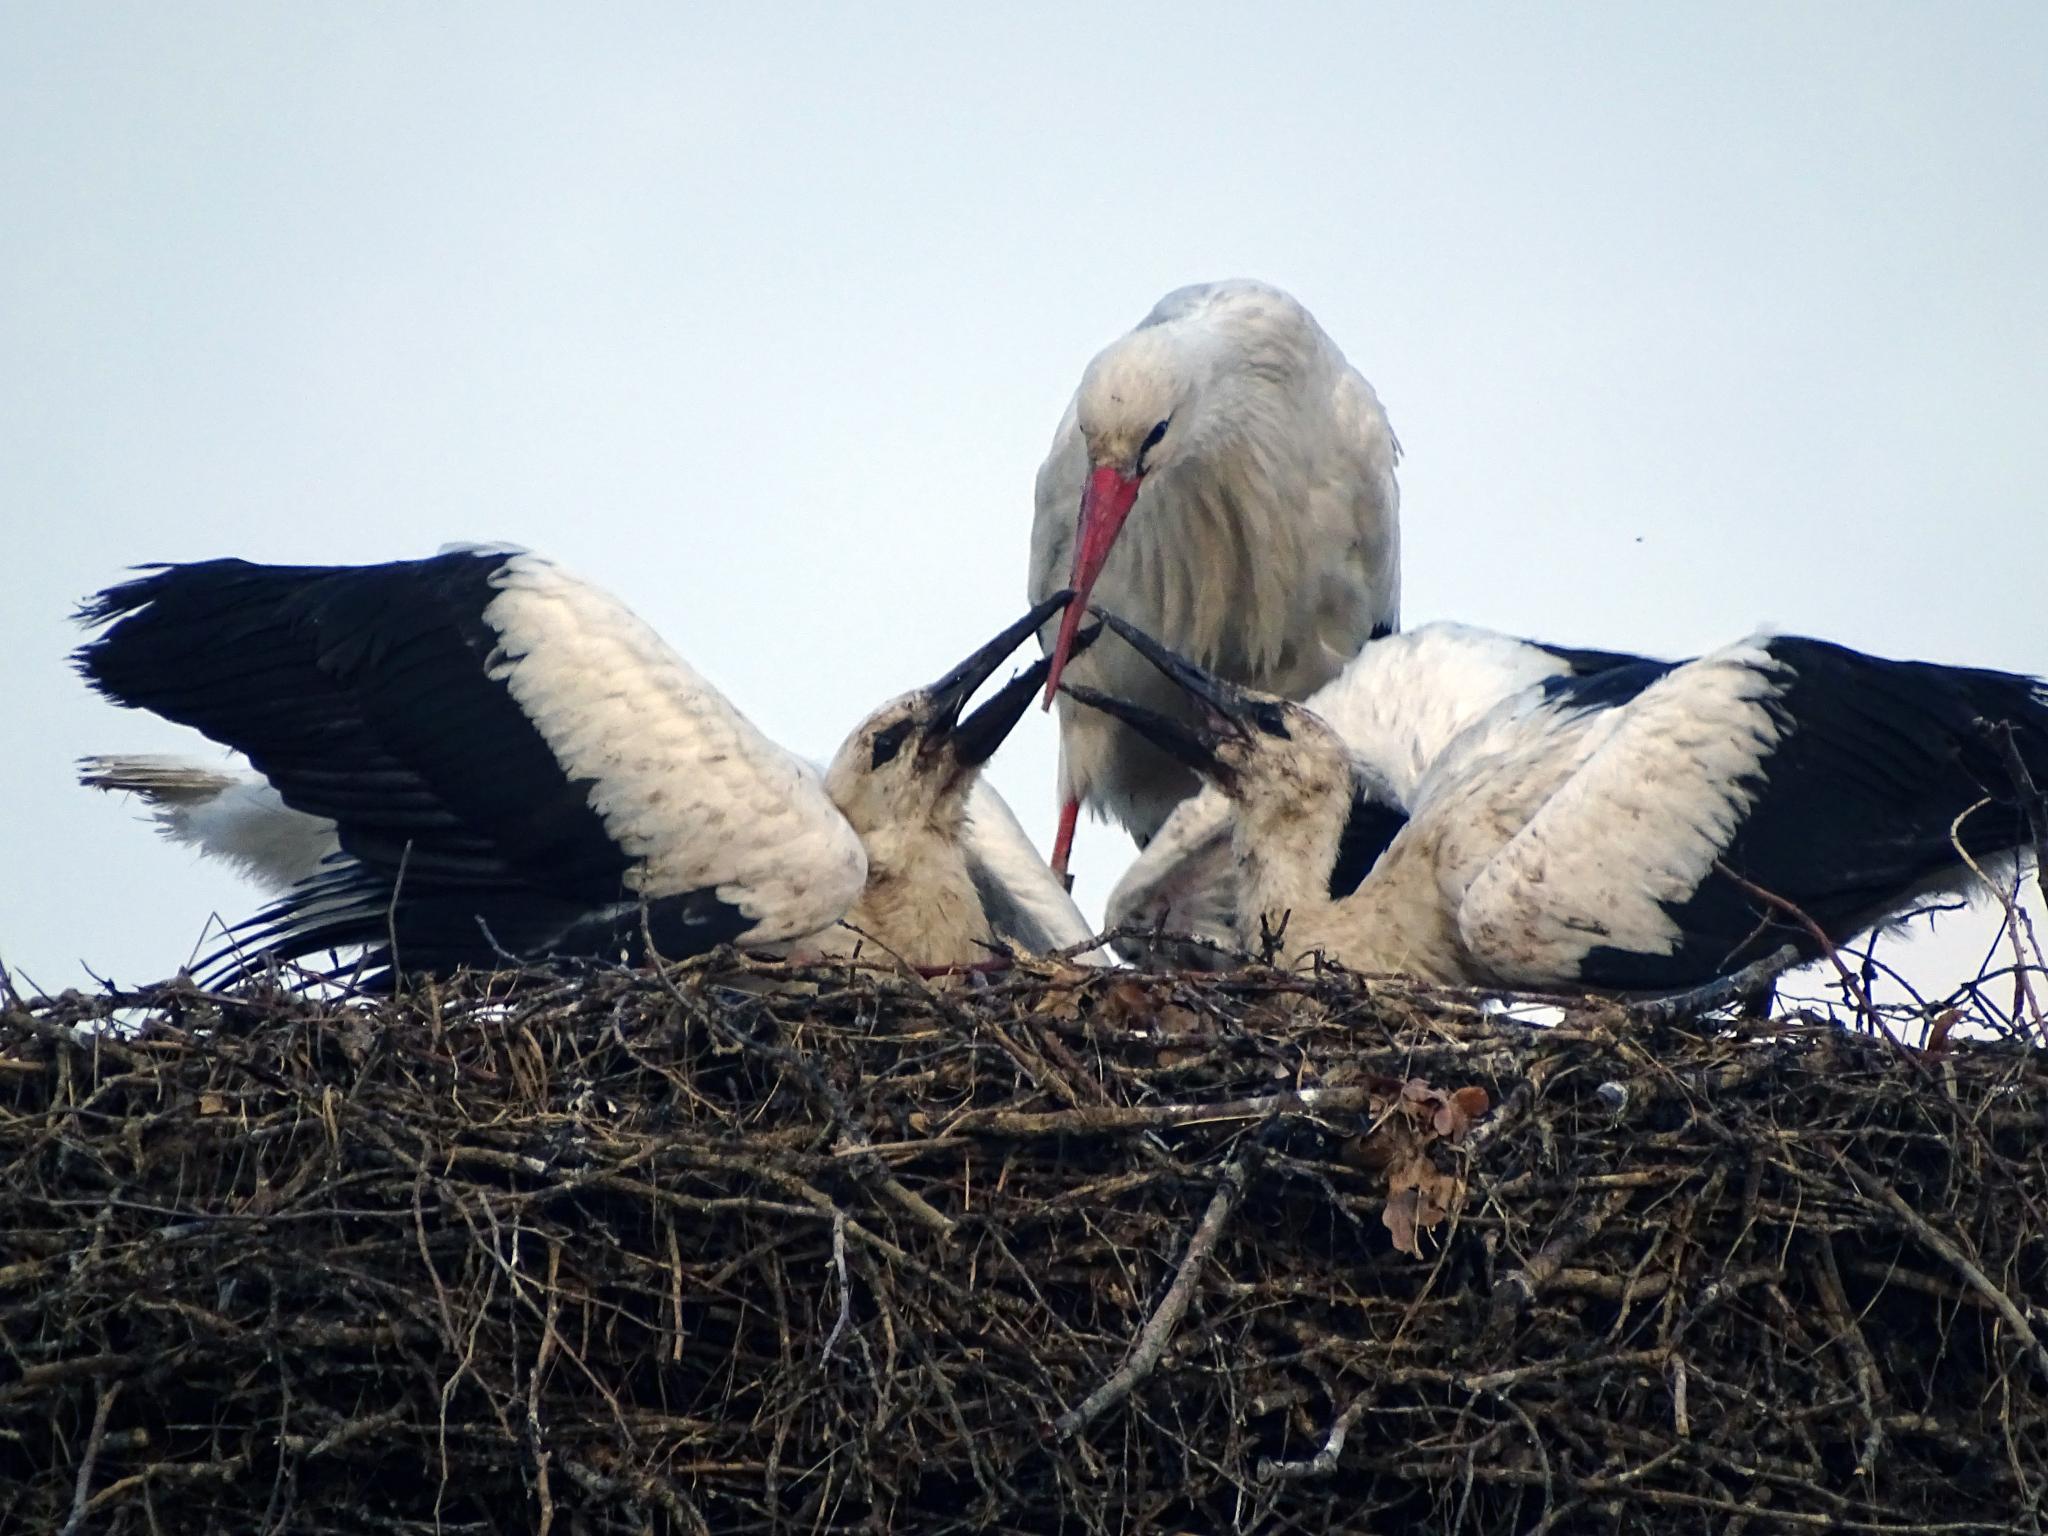 Stork carries her babies by missjoy86